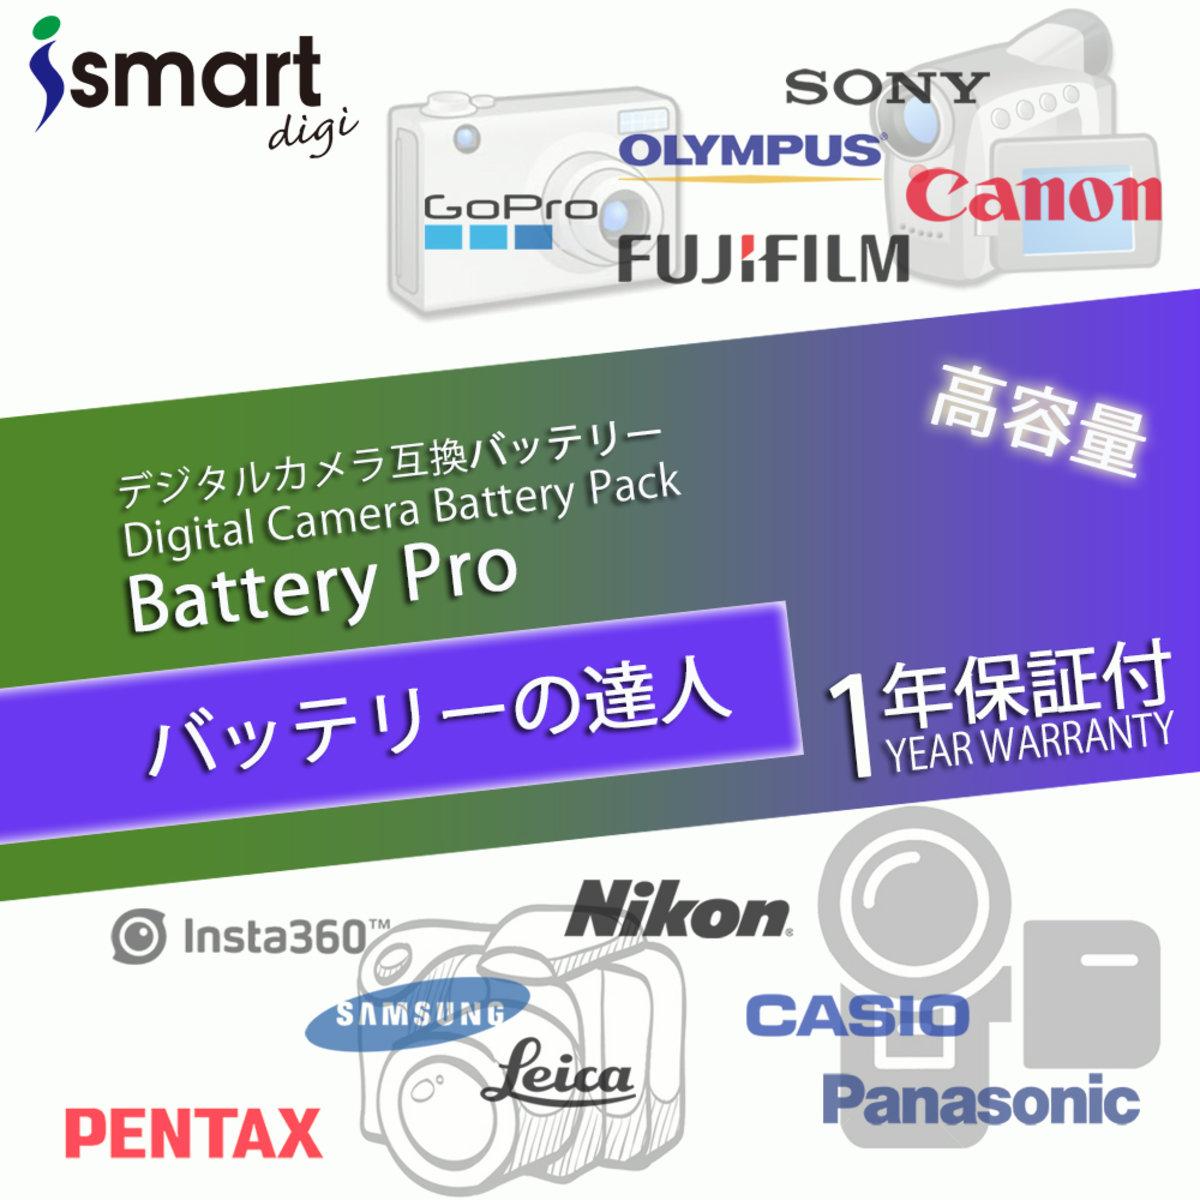 賓得數碼相機電池(適合:Optio H90, Optio P70, Optio P80, Optio WS80, Optio W90)